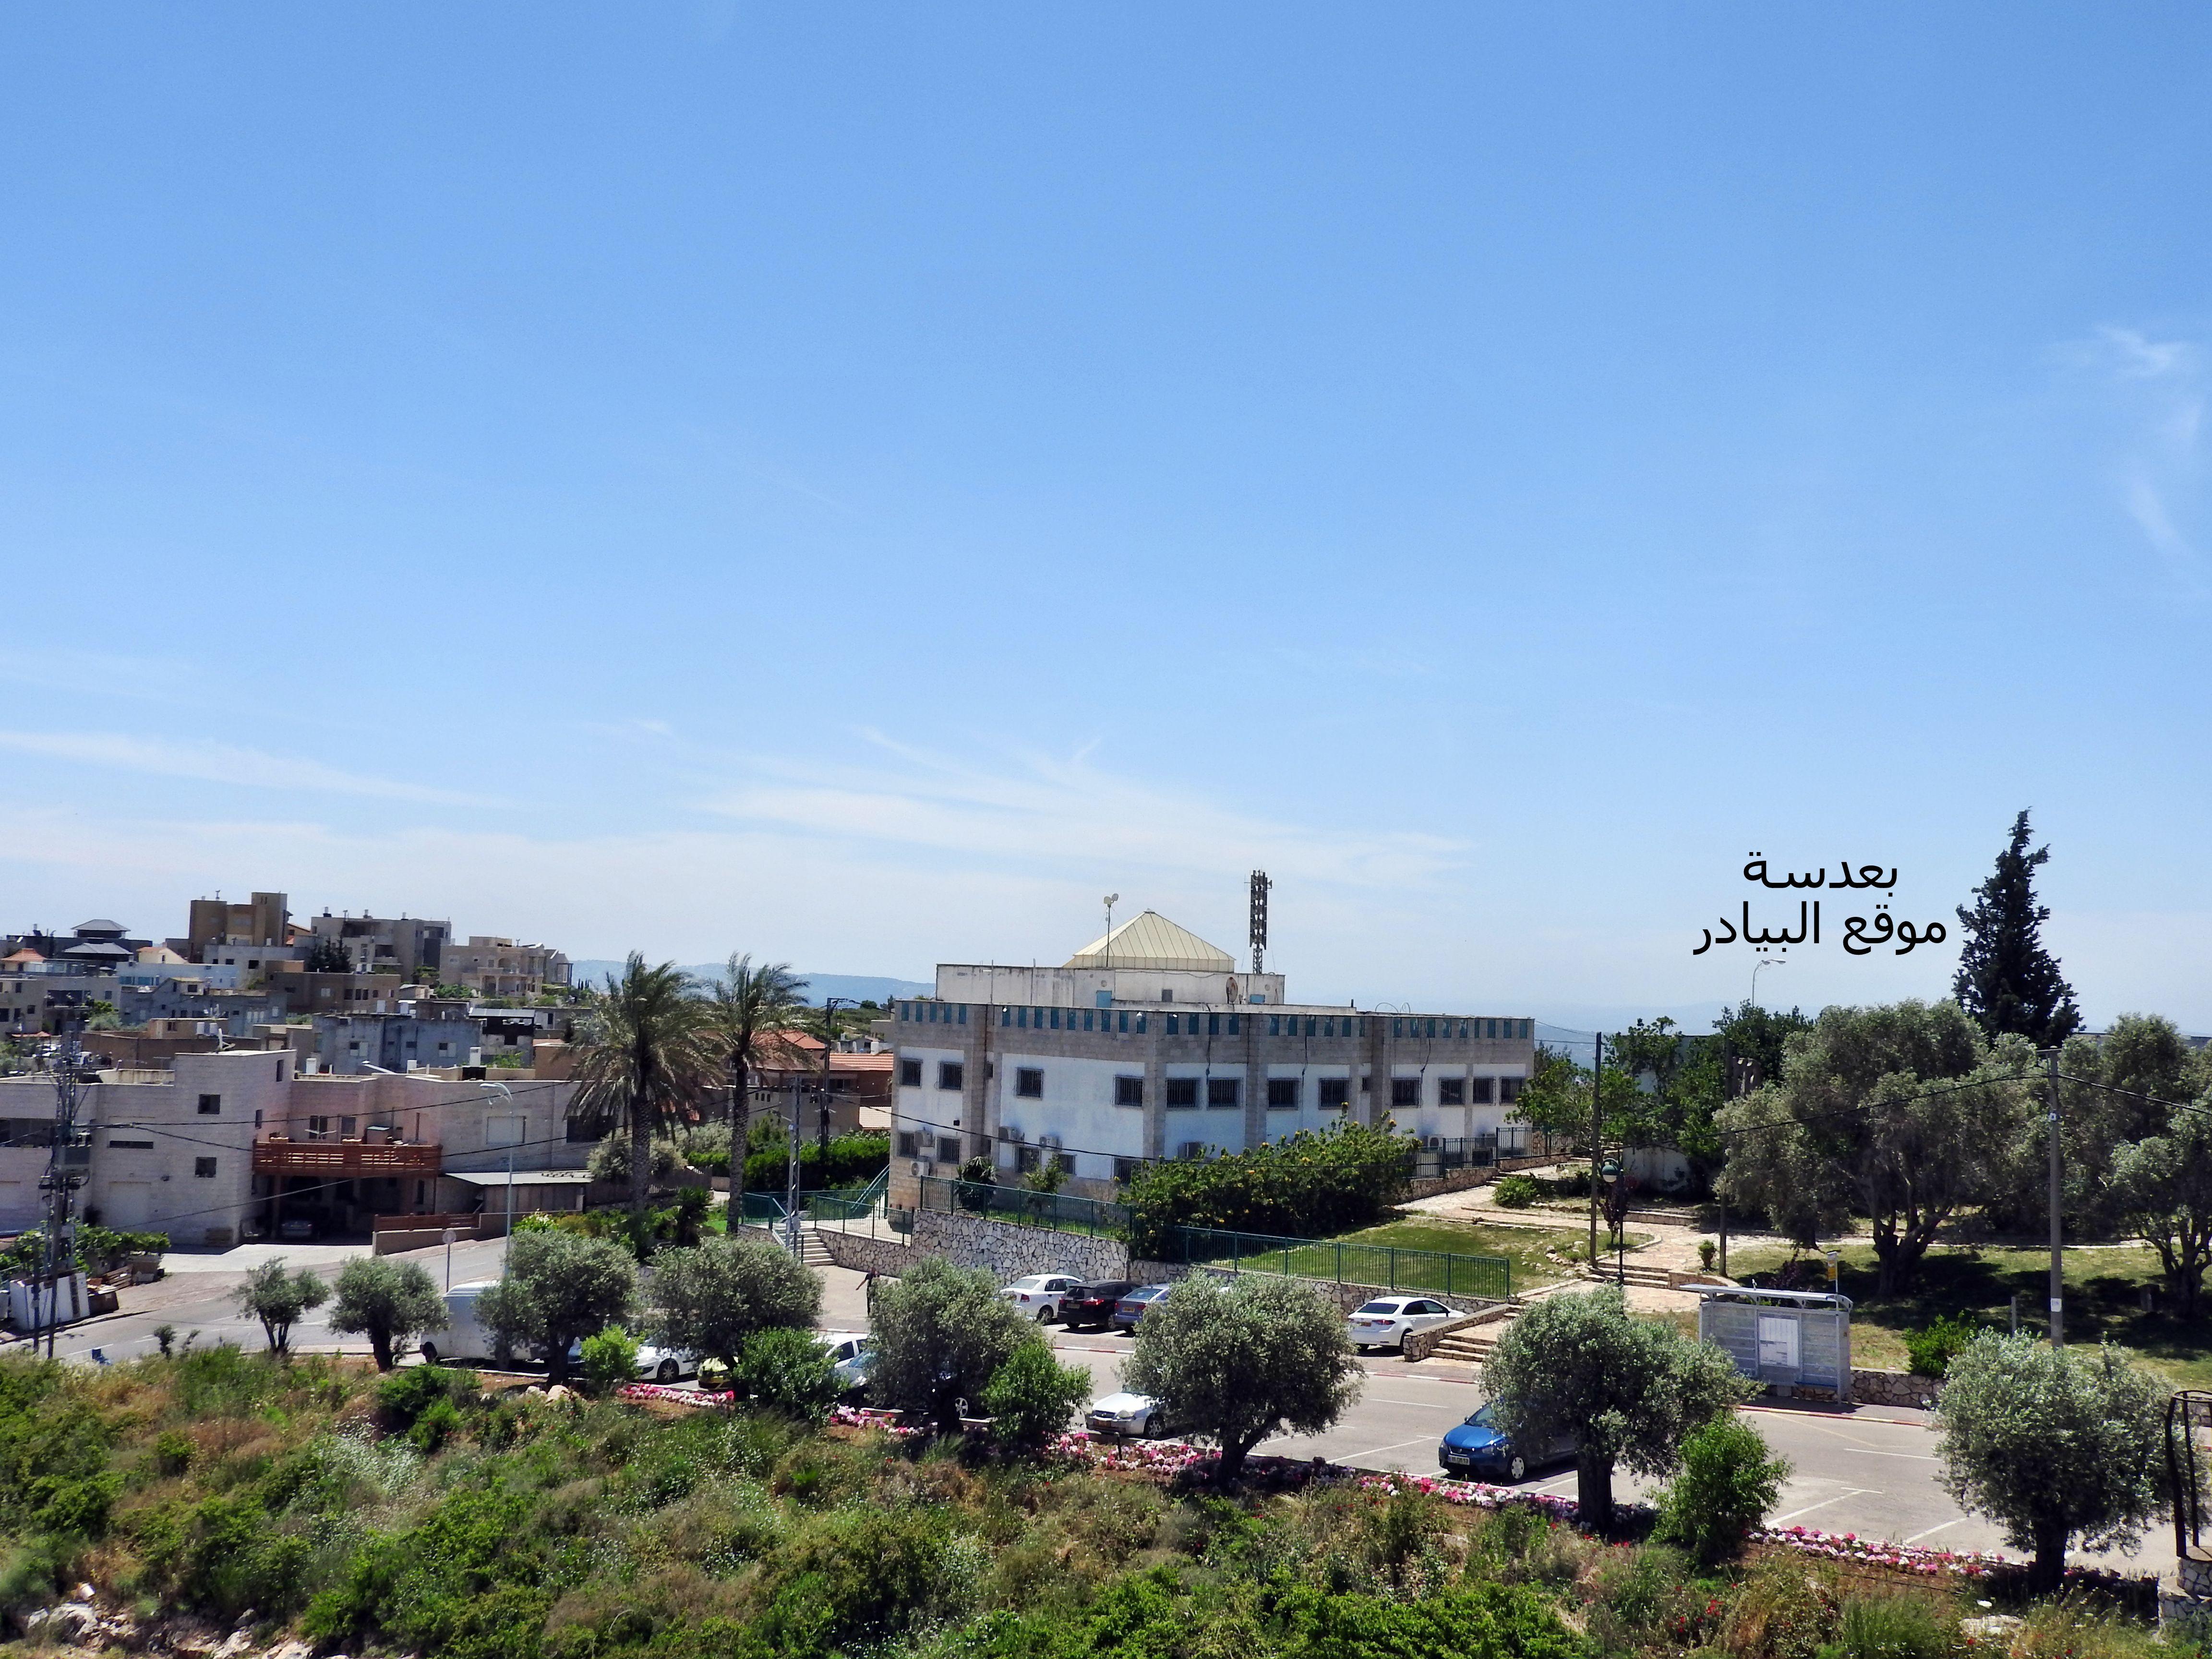 مجلس  كوكب ابو الهيجاءالمحلي - قسم الخدمات الاجتماعية:إعلان بخصوص فتح حضانات بيتية